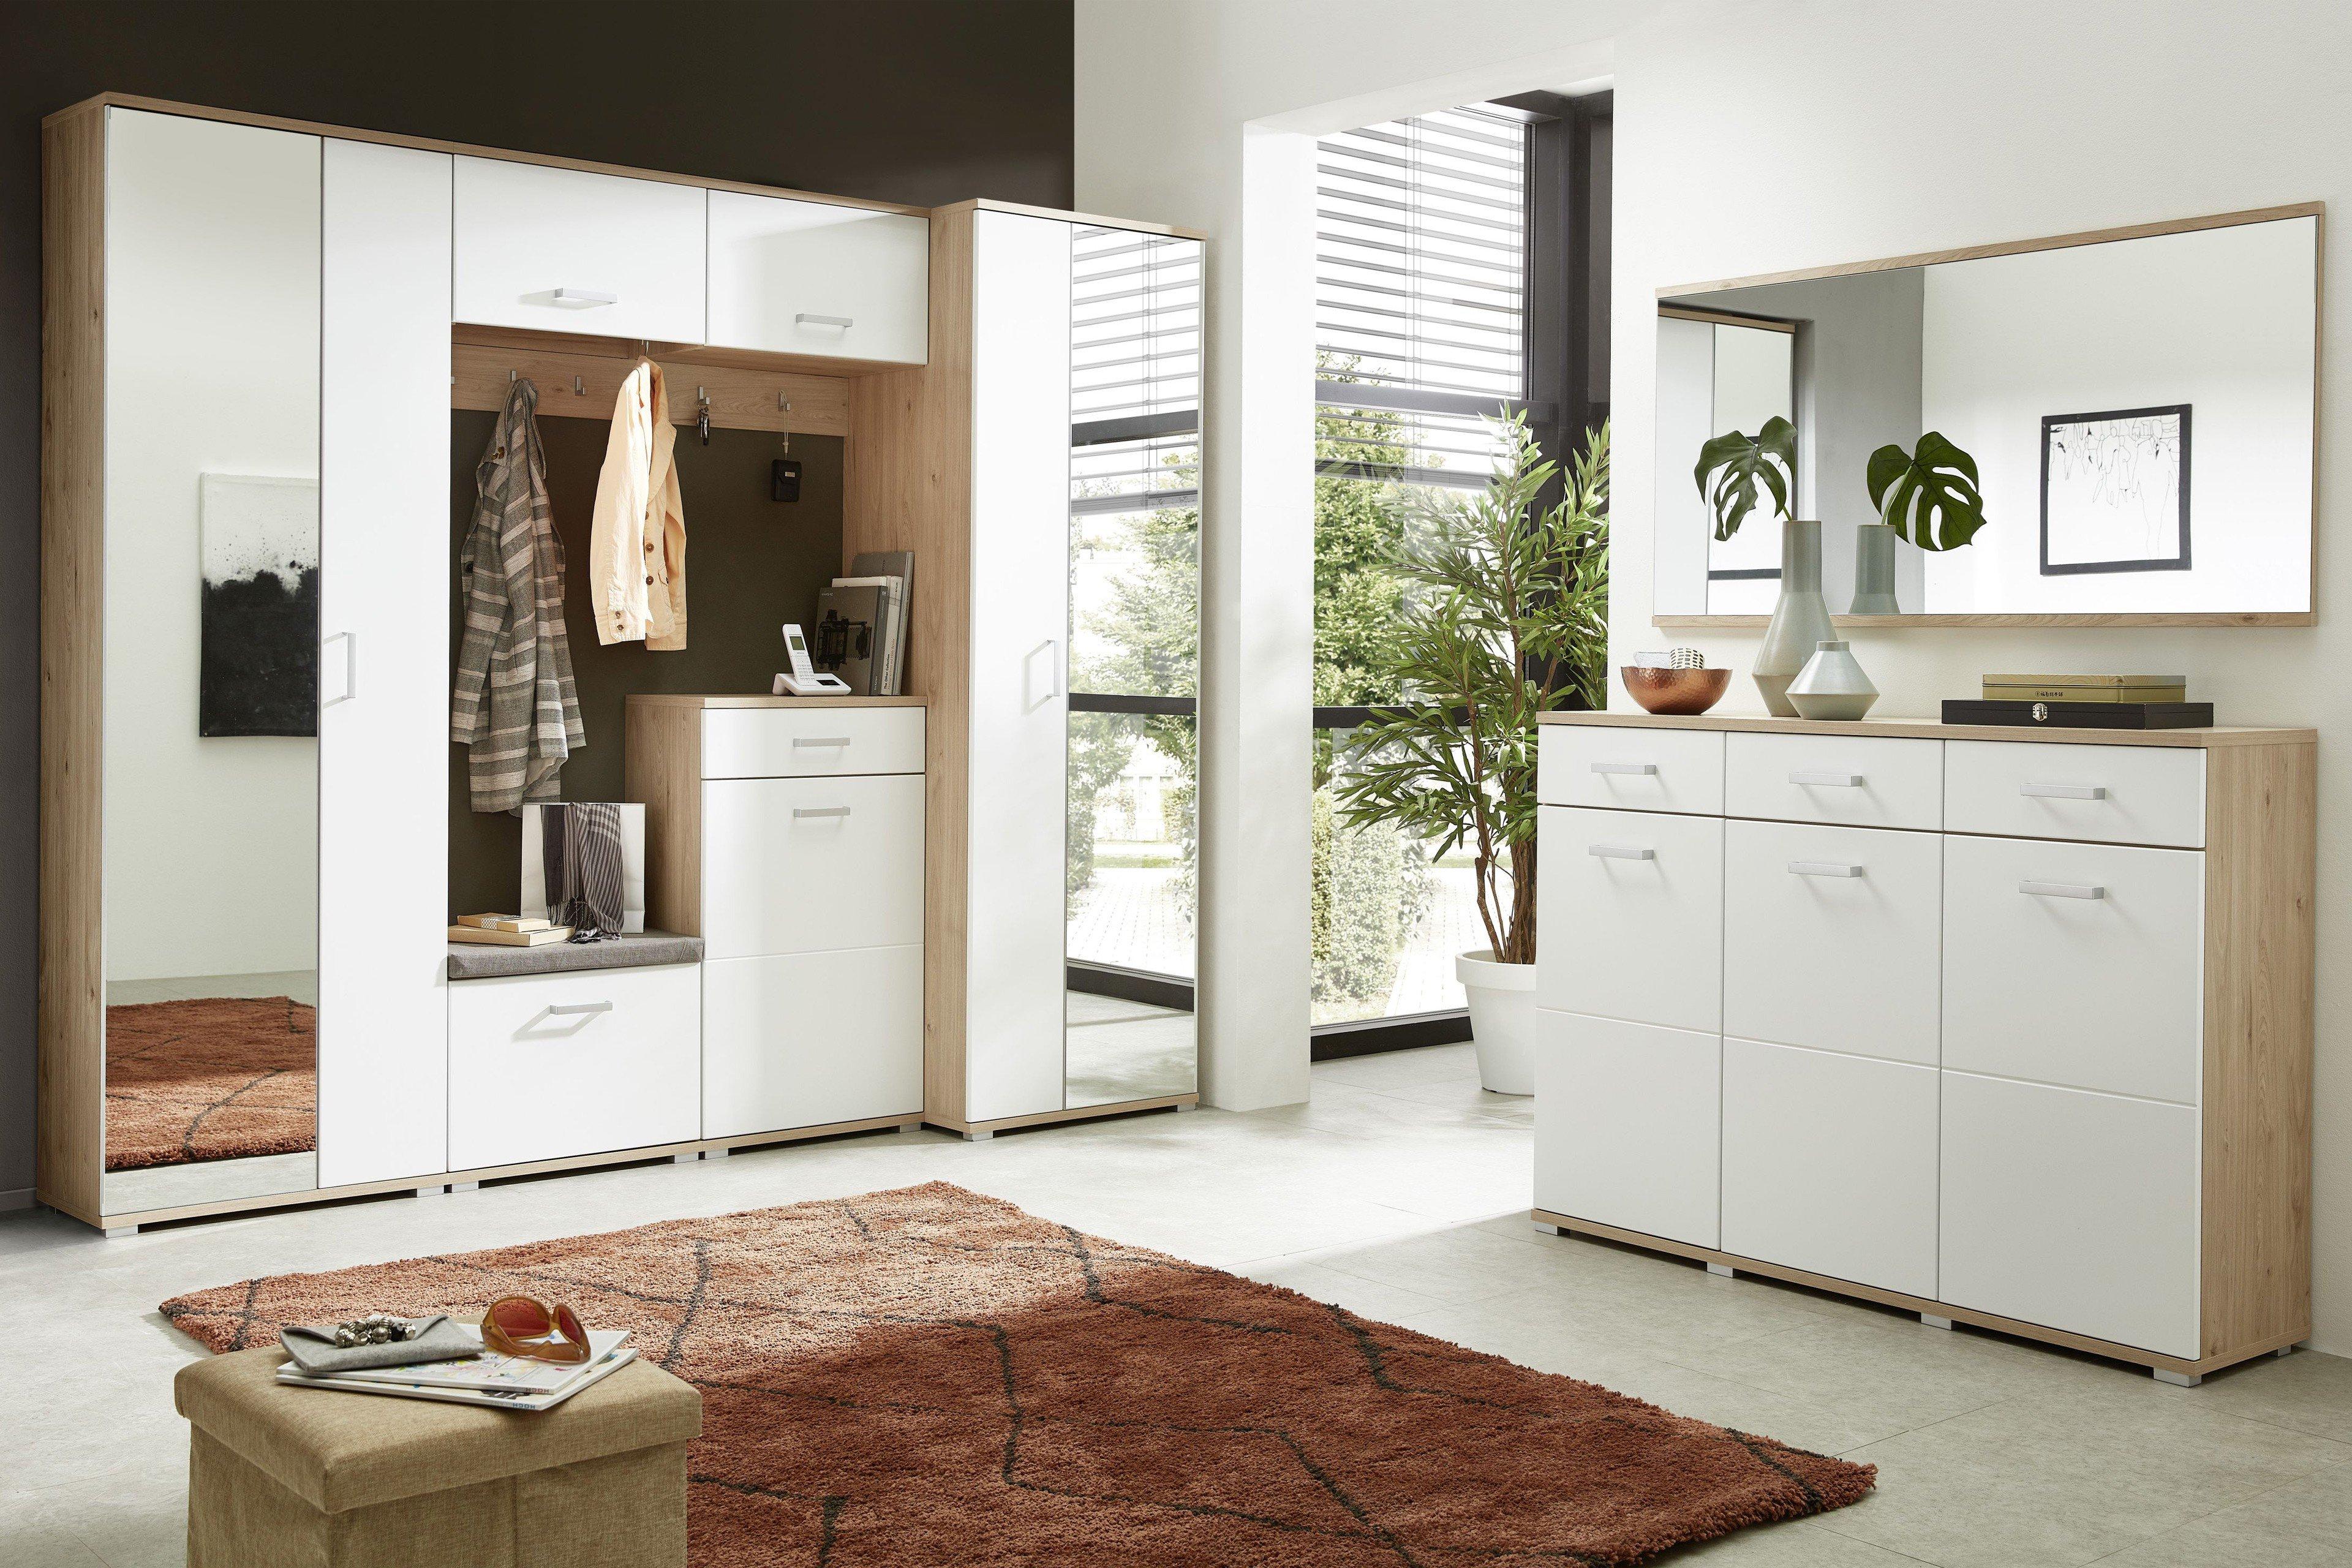 innostyle garderobe arkona lack wei eiche m bel letz ihr online shop. Black Bedroom Furniture Sets. Home Design Ideas